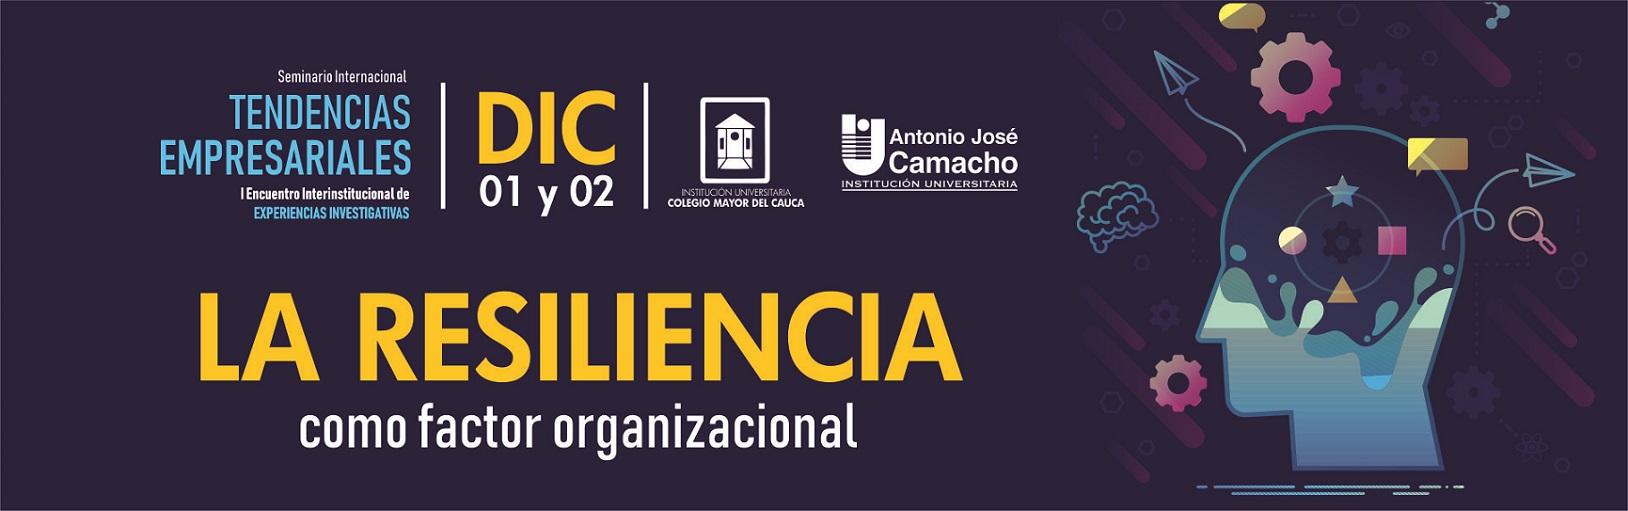 Banner_Tendencias_Empresariales